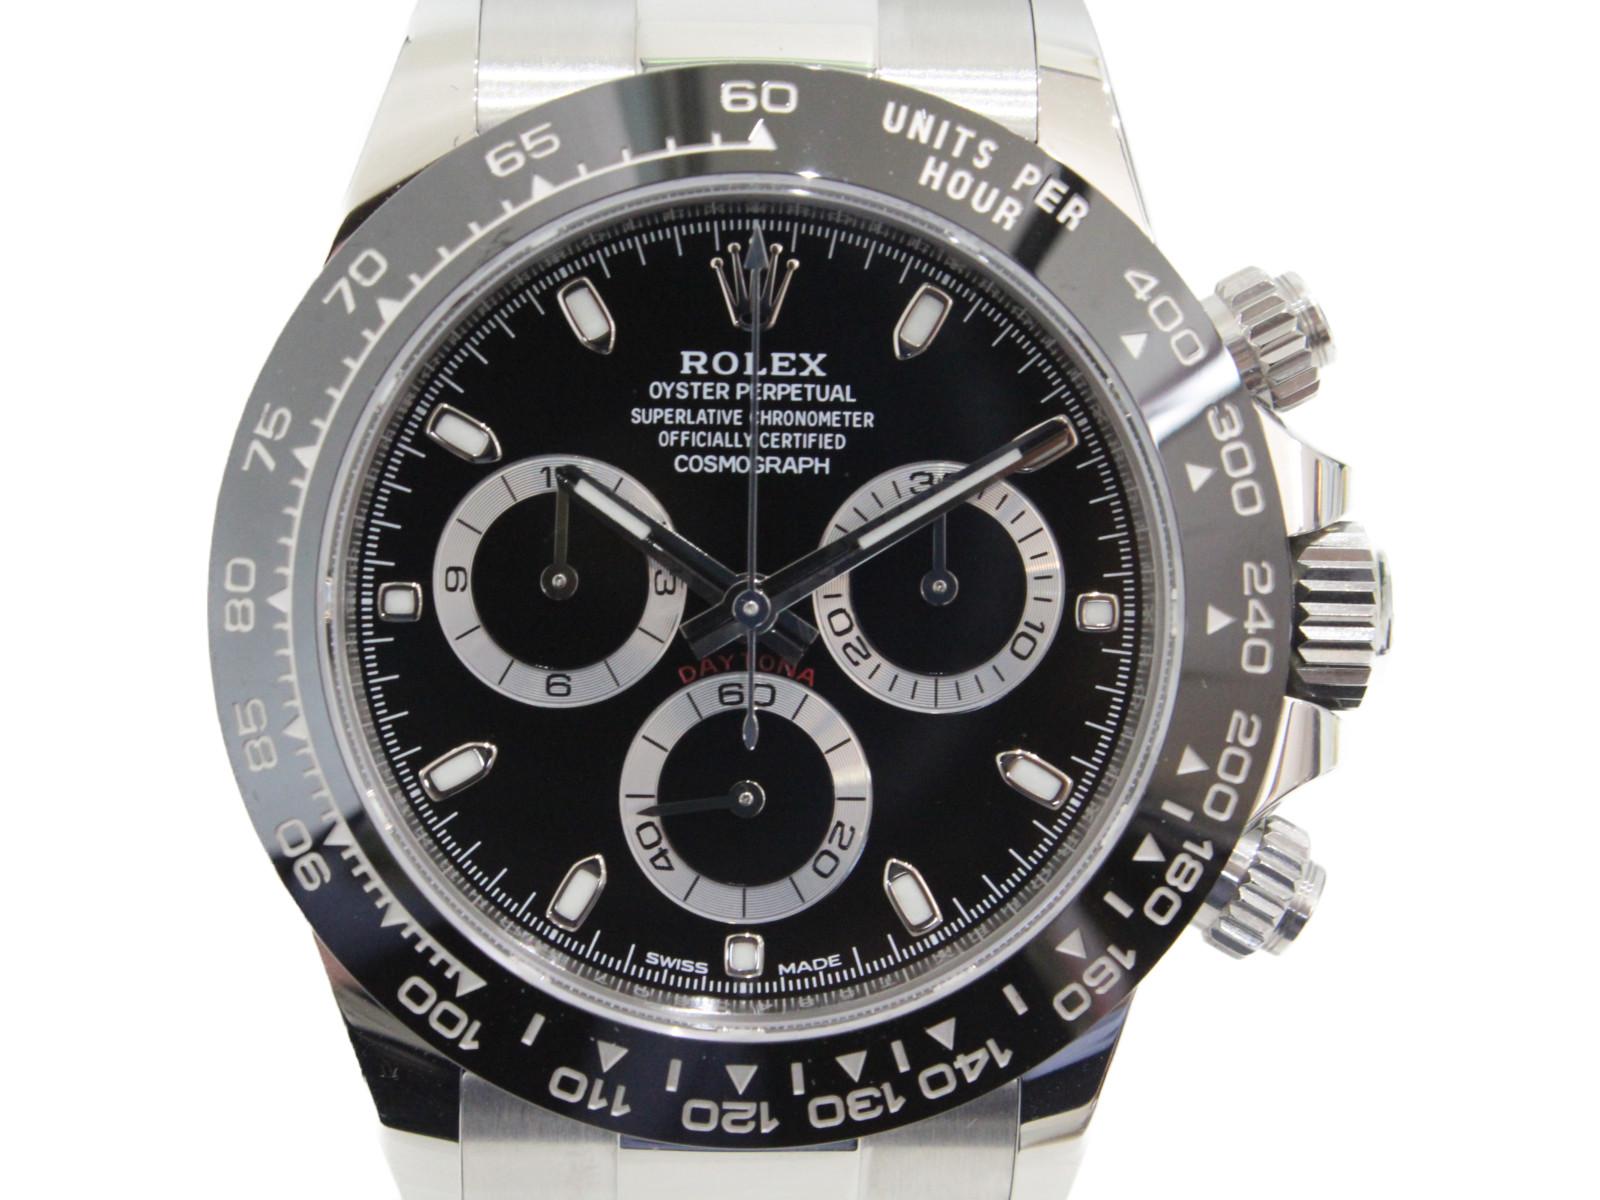 【ポリッシュ済み】ROLEX ロレックス コスモグラフ デイトナ クロノグラフ 116500LN 自動巻き ランダム 2017年 SS ステンレススチール ブラック メンズ 腕時計【中古】